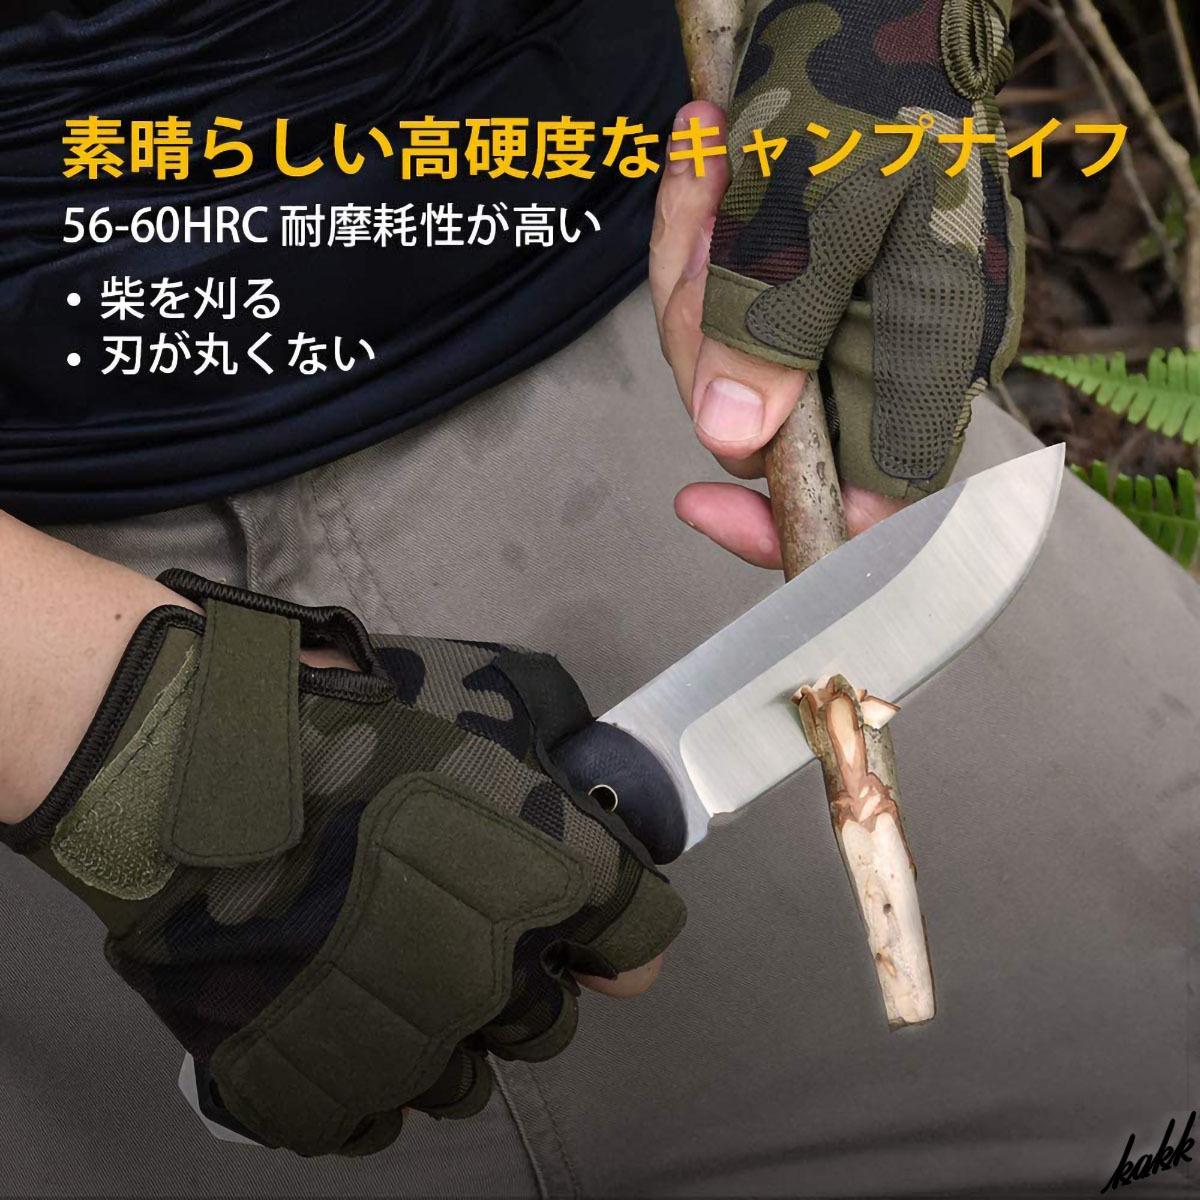 【耐食性抜群】 シースナイフ ステンレススチール フルタング バトニング G10 ドロップポイント 狩猟 キャンプ サバイバル フィッシング